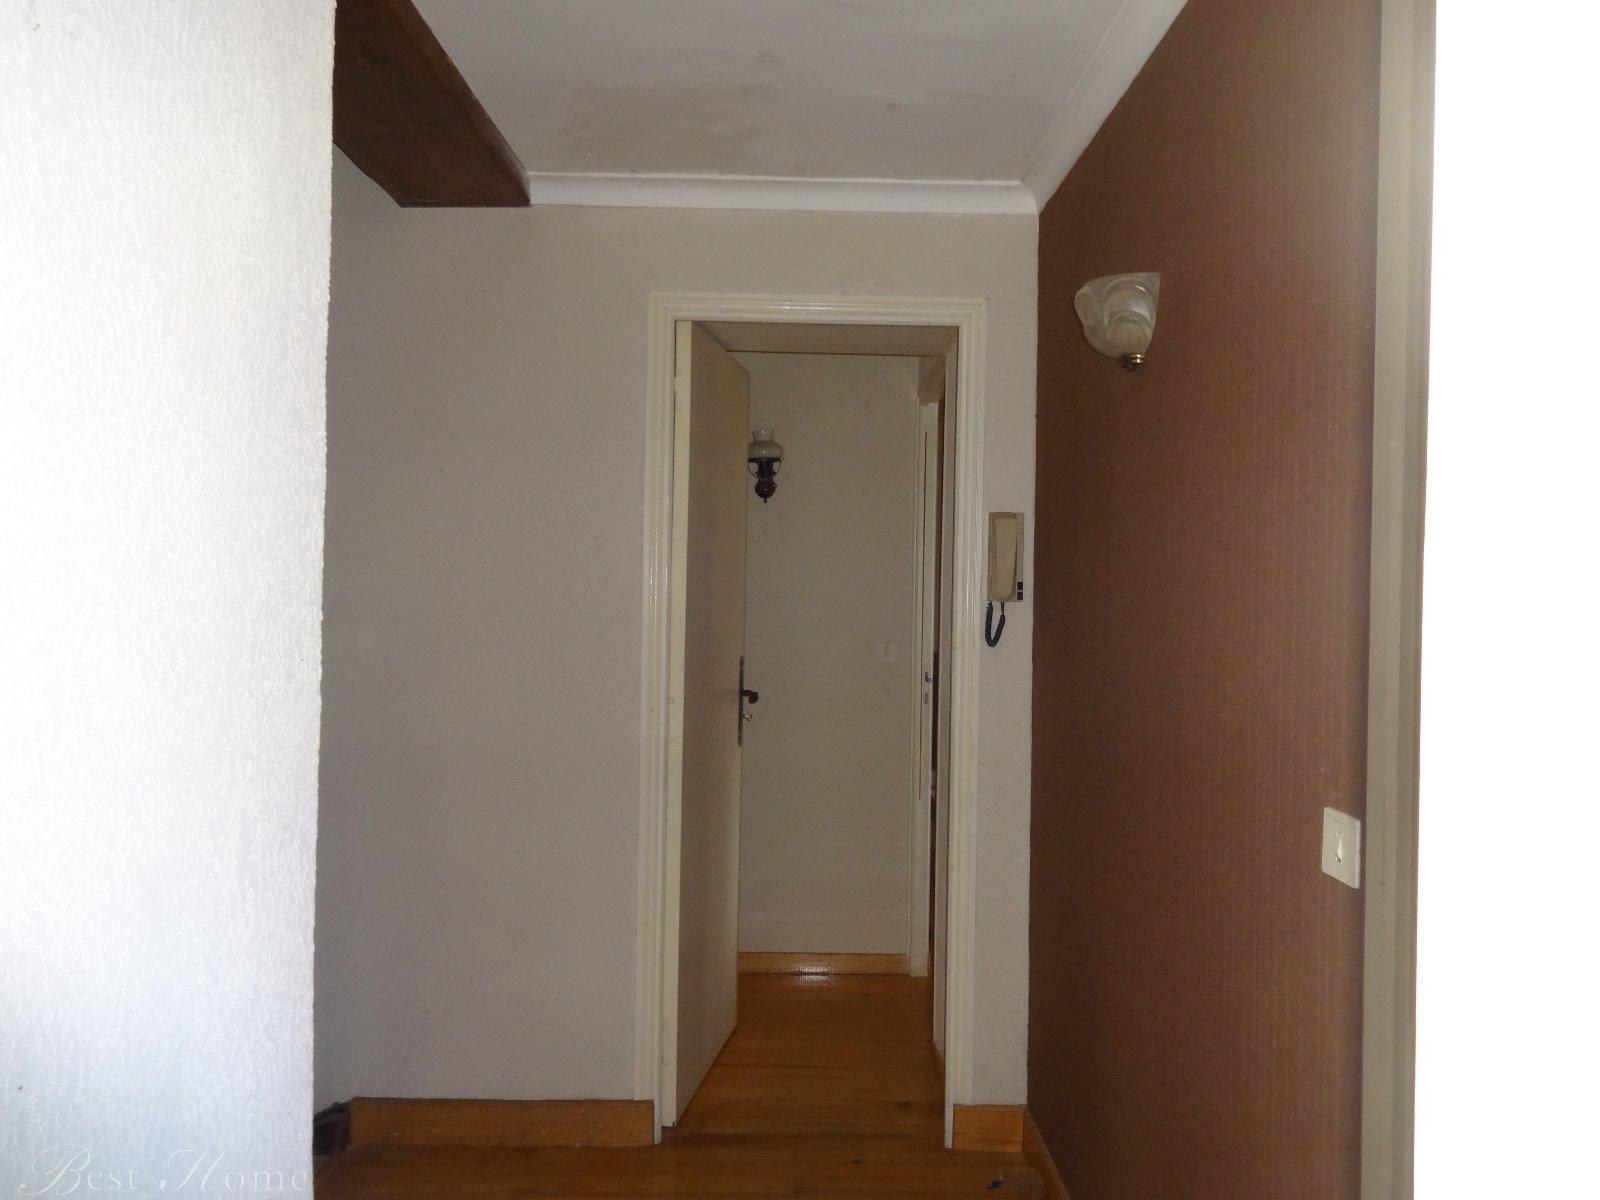 Vente vente maison n mes quartier route d 39 uz s maison de type 5 avec jardin et mazet r nover - Vente maison jardin nimes toulon ...